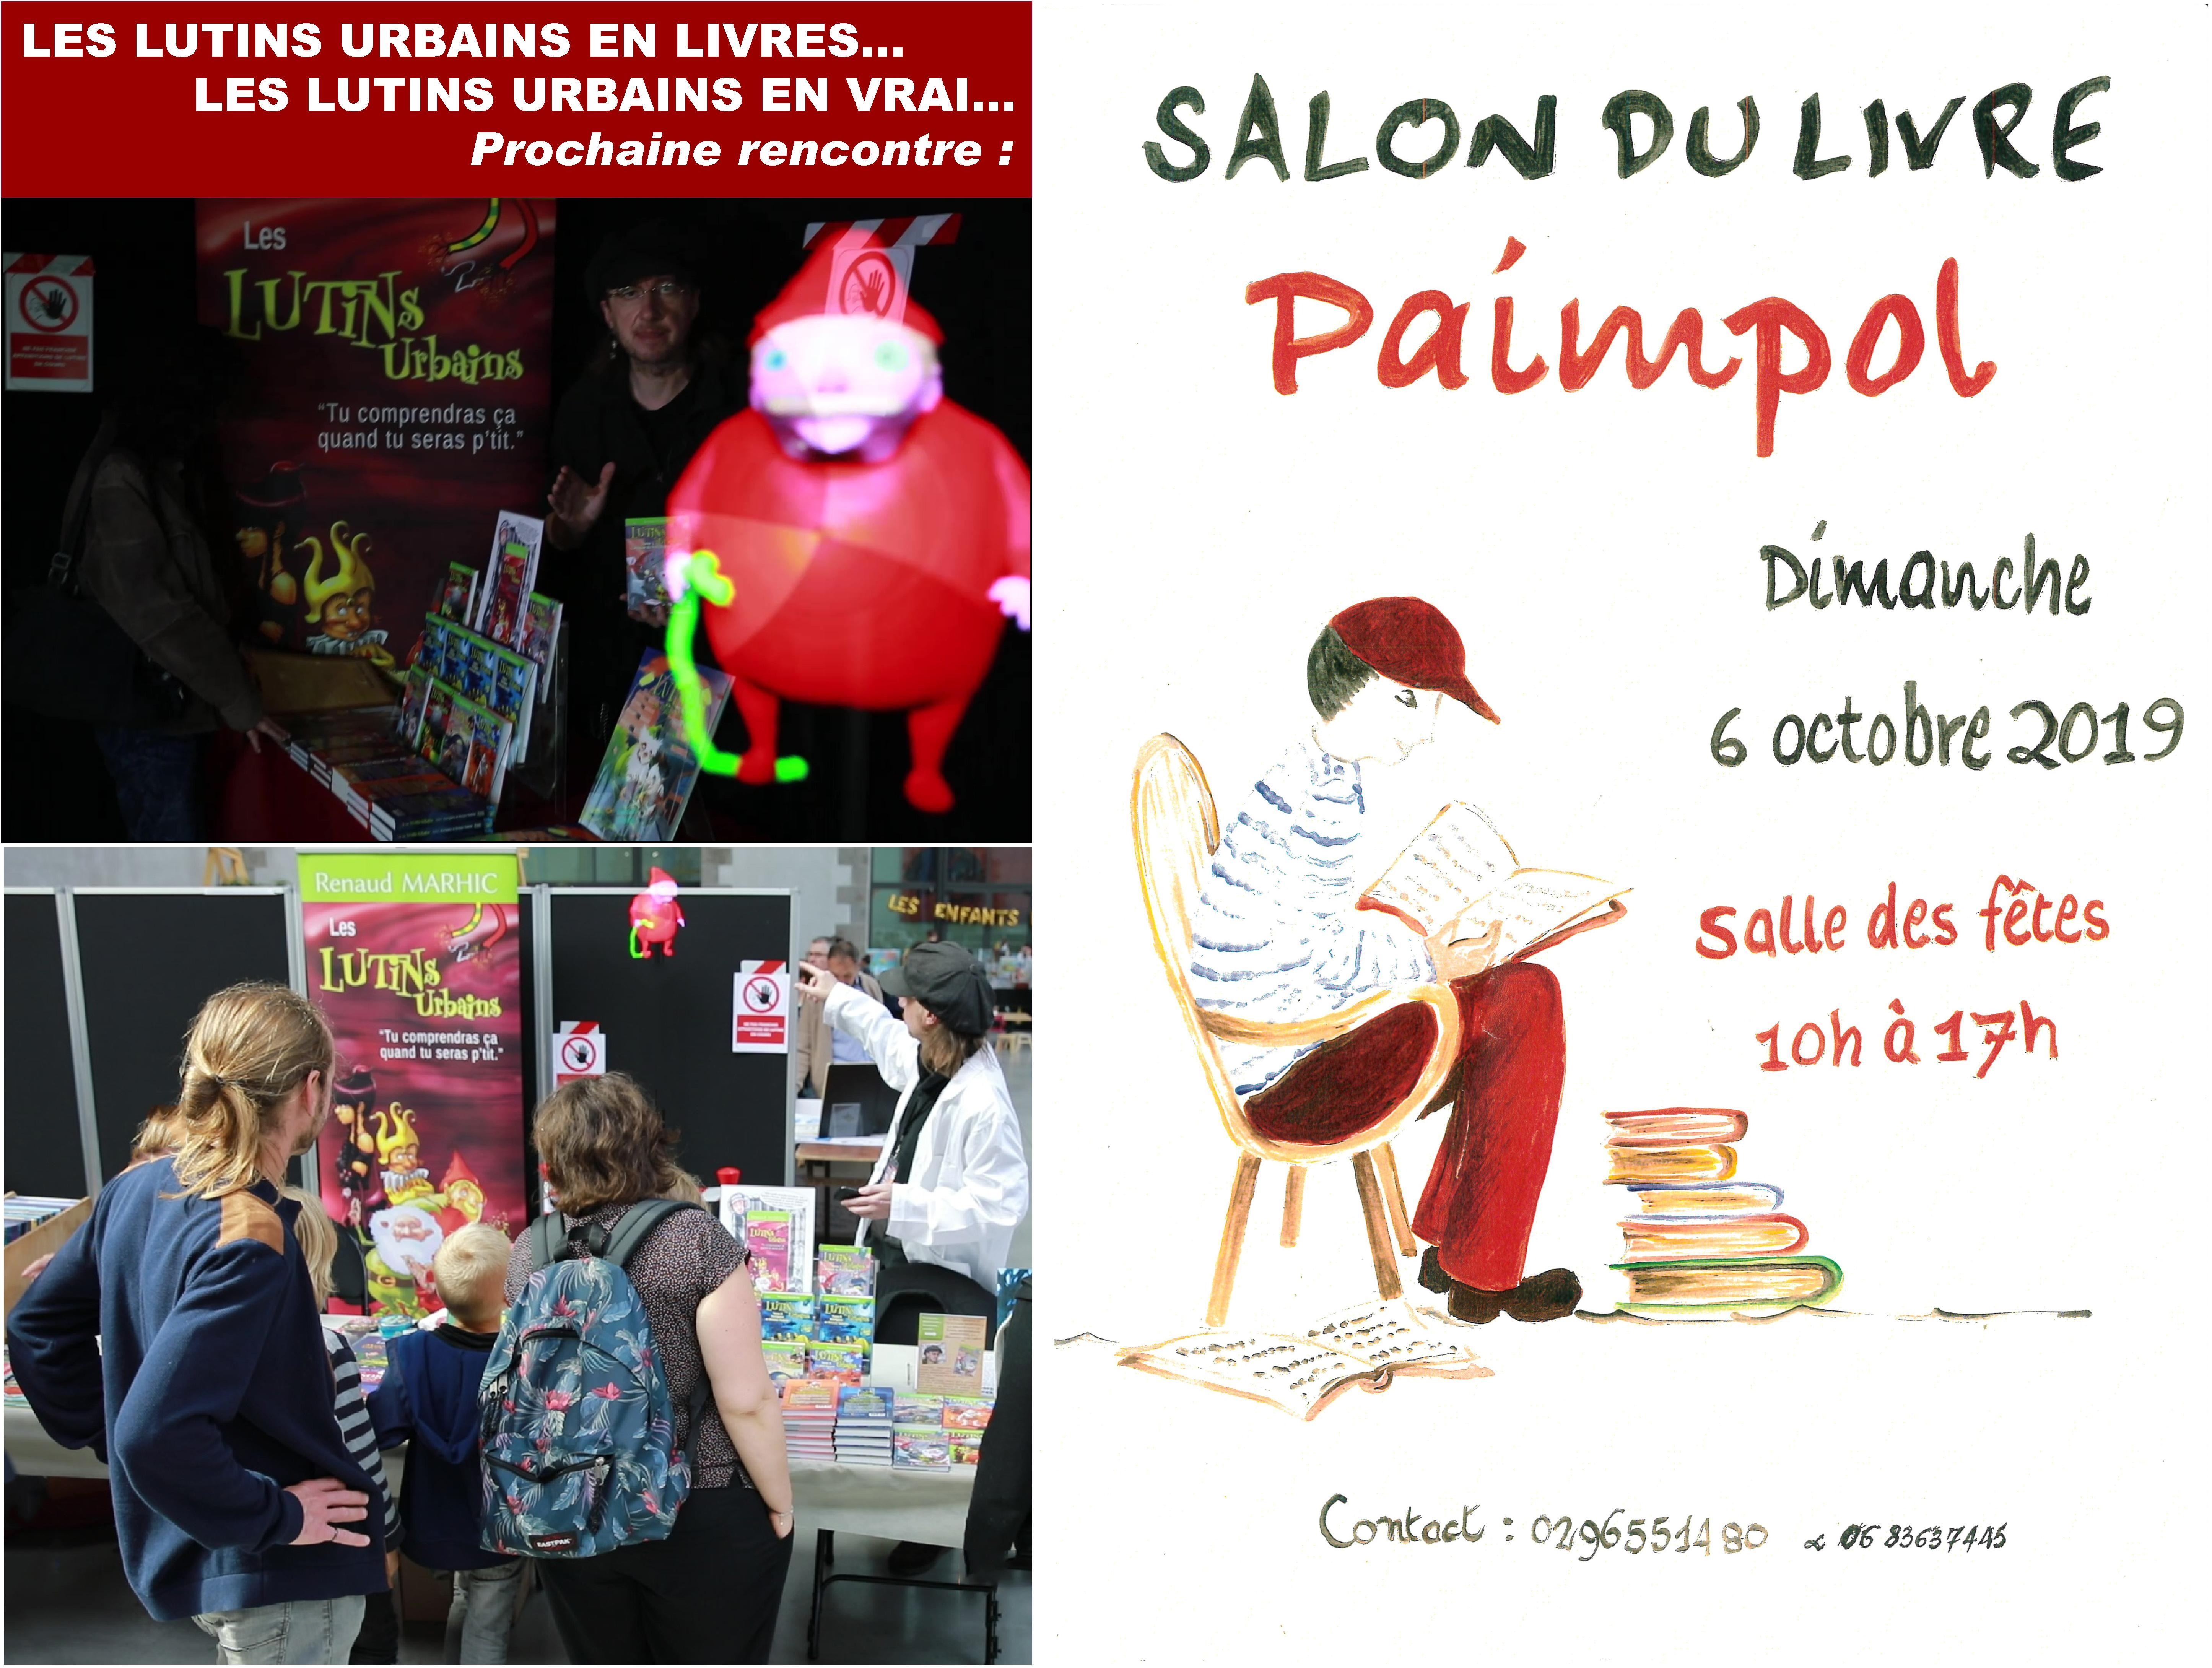 Les Lutins Urbains au Salon du Livre de Paimpol 2019